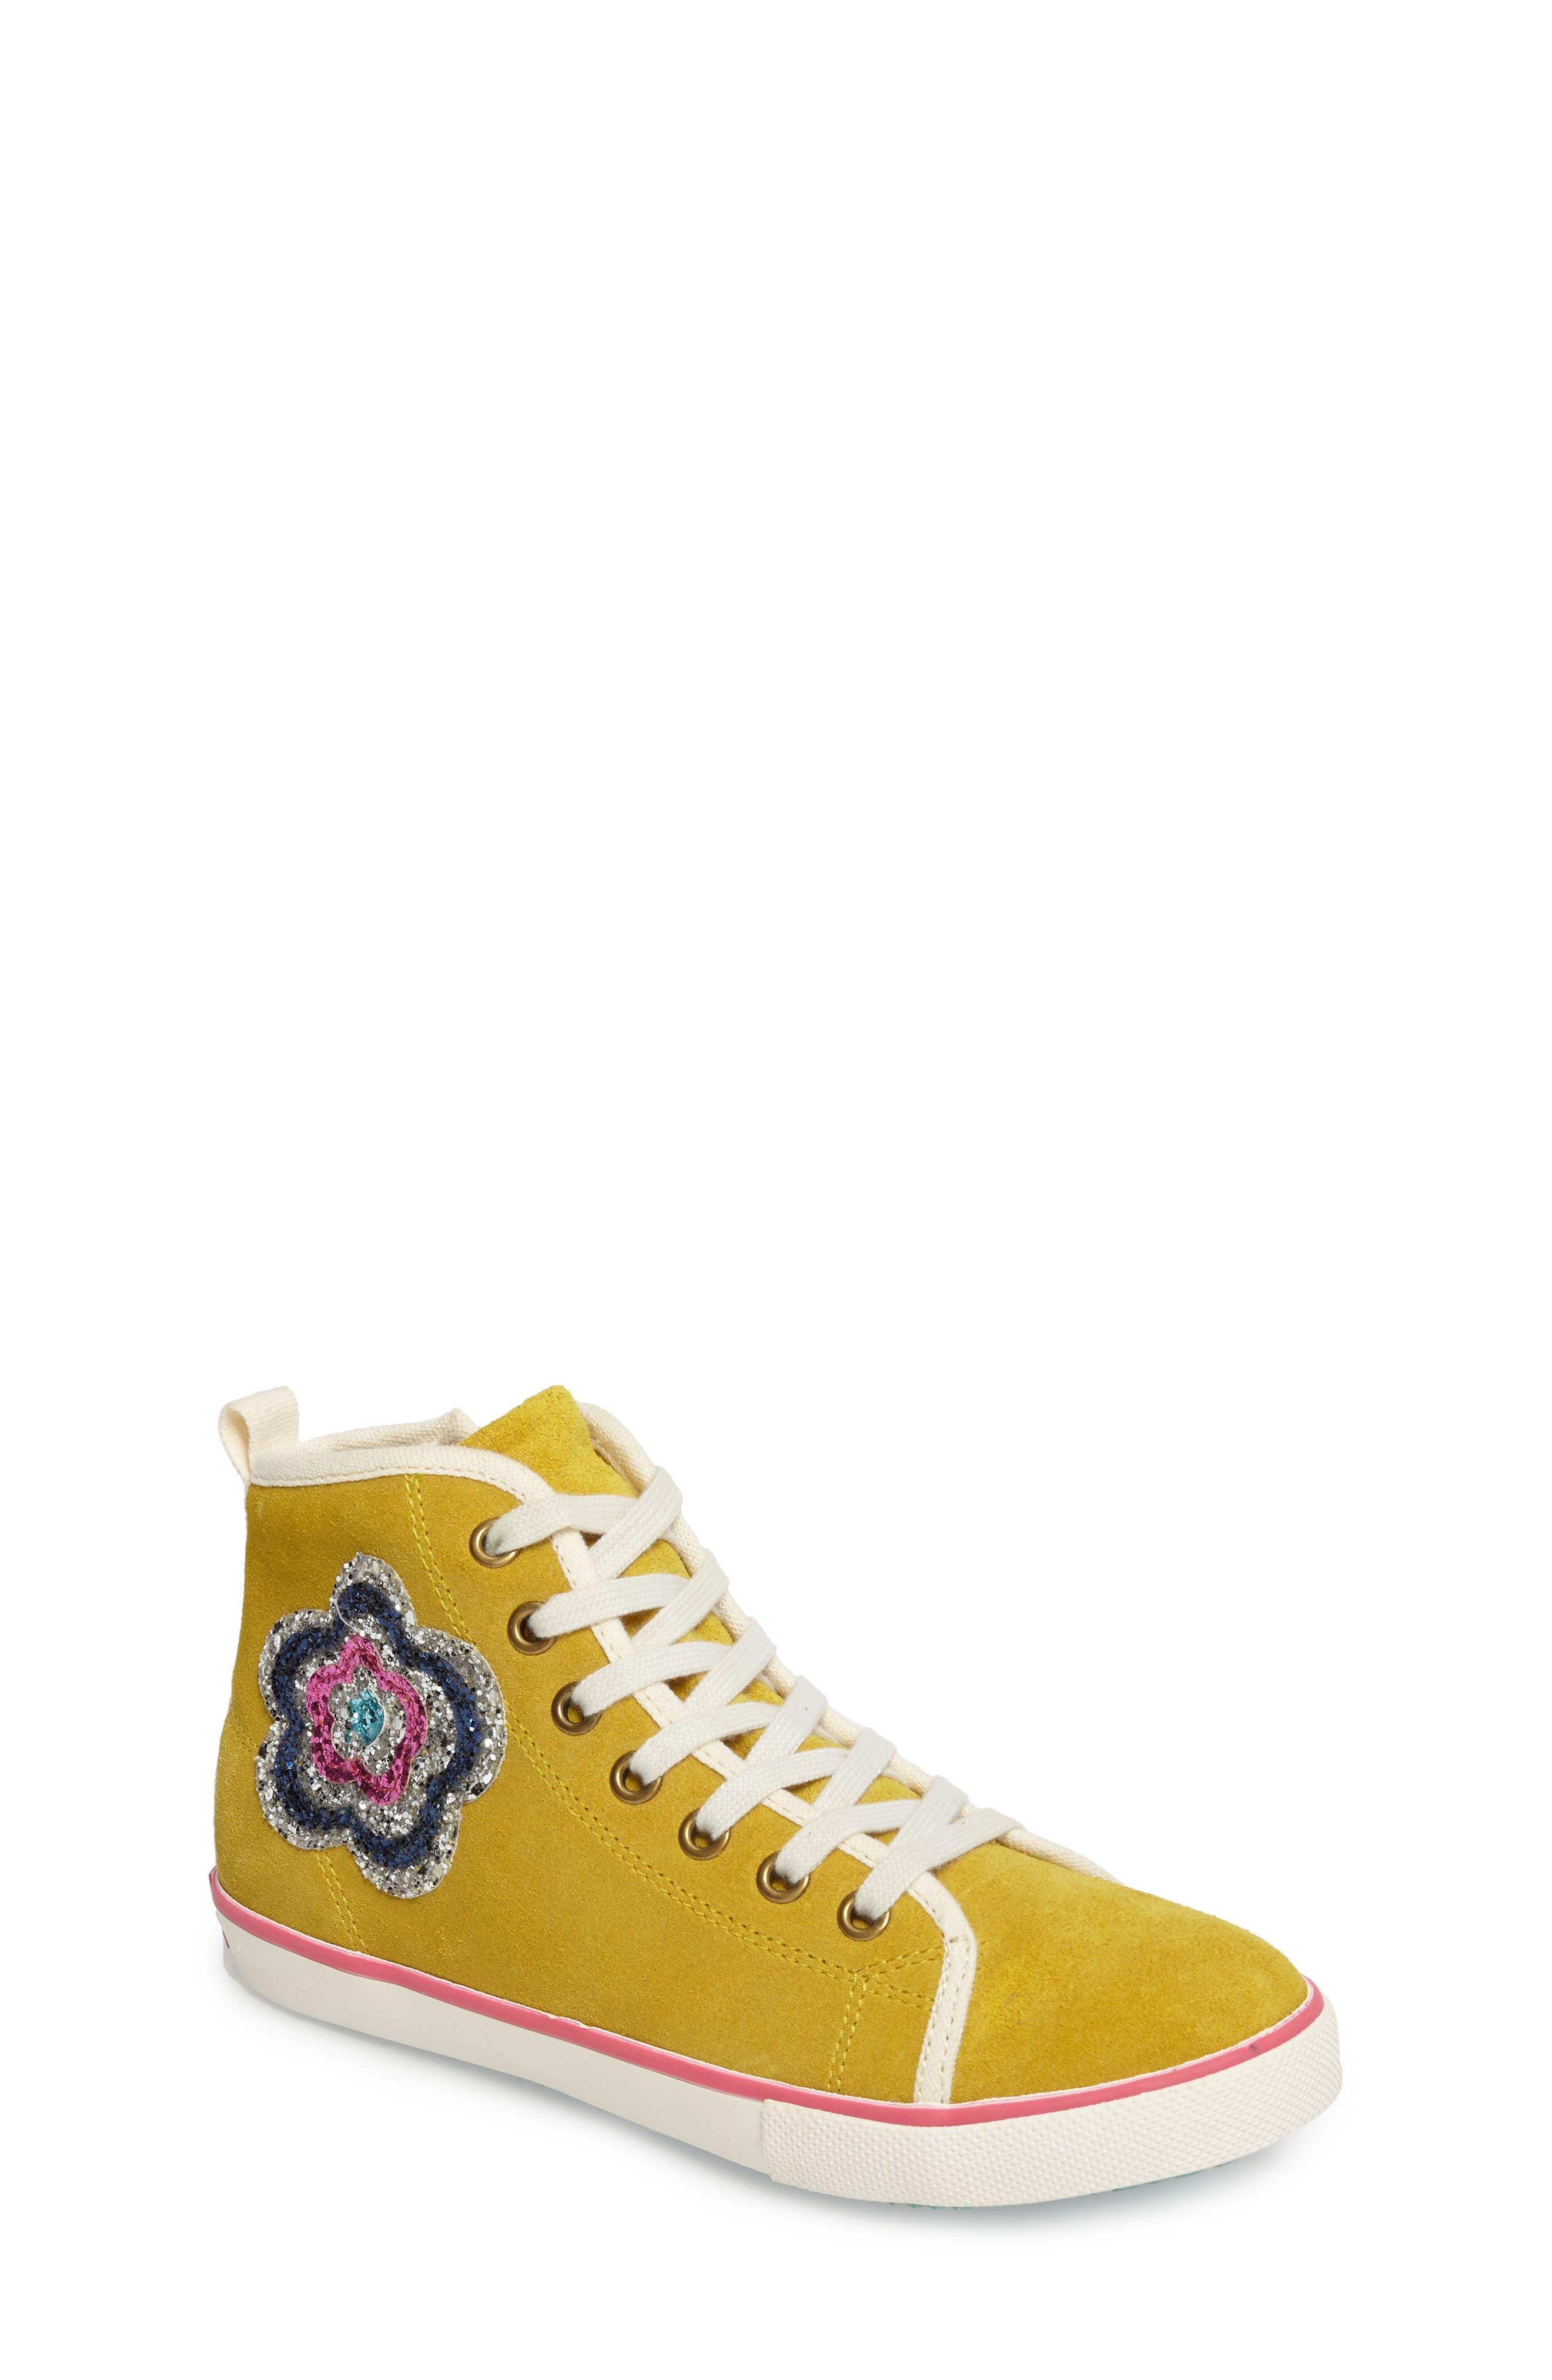 Mini Boden Embellished High Top Sneaker (Toddler, Little Kid & Big Kid)